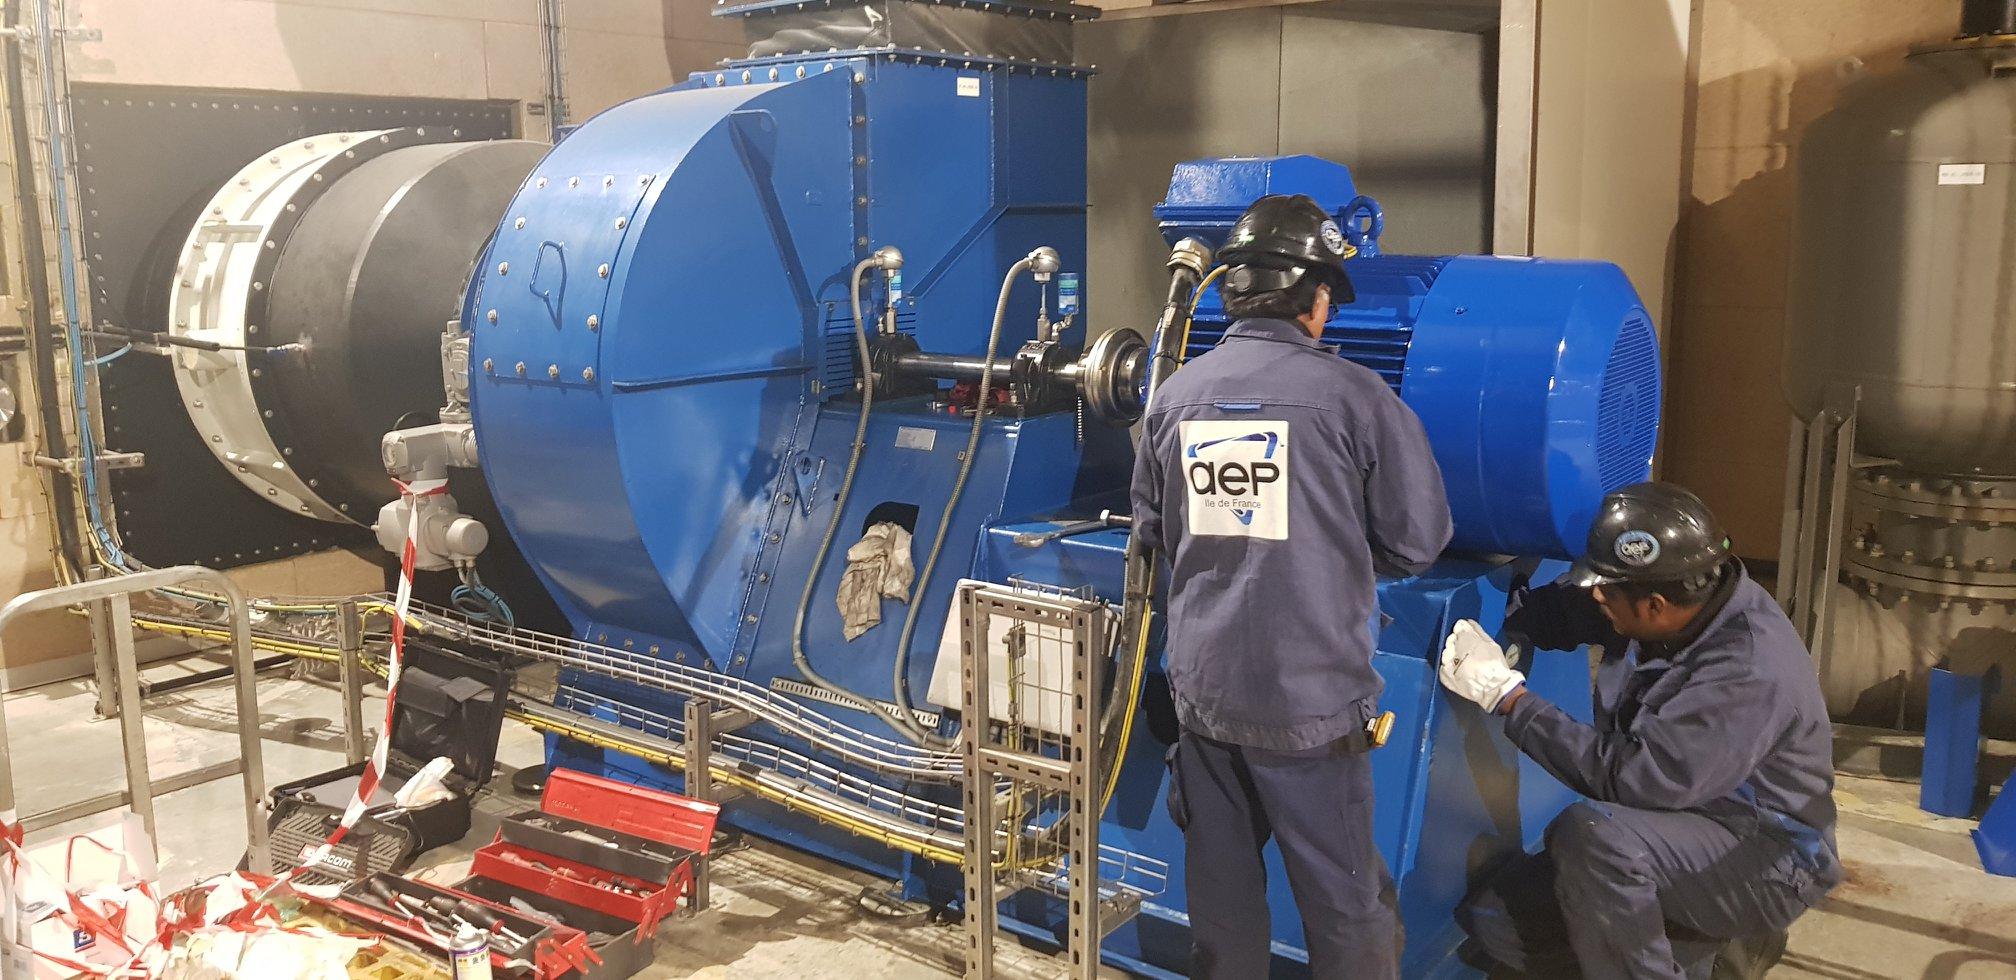 Révision d'un moteur ABB sur un ventilateur